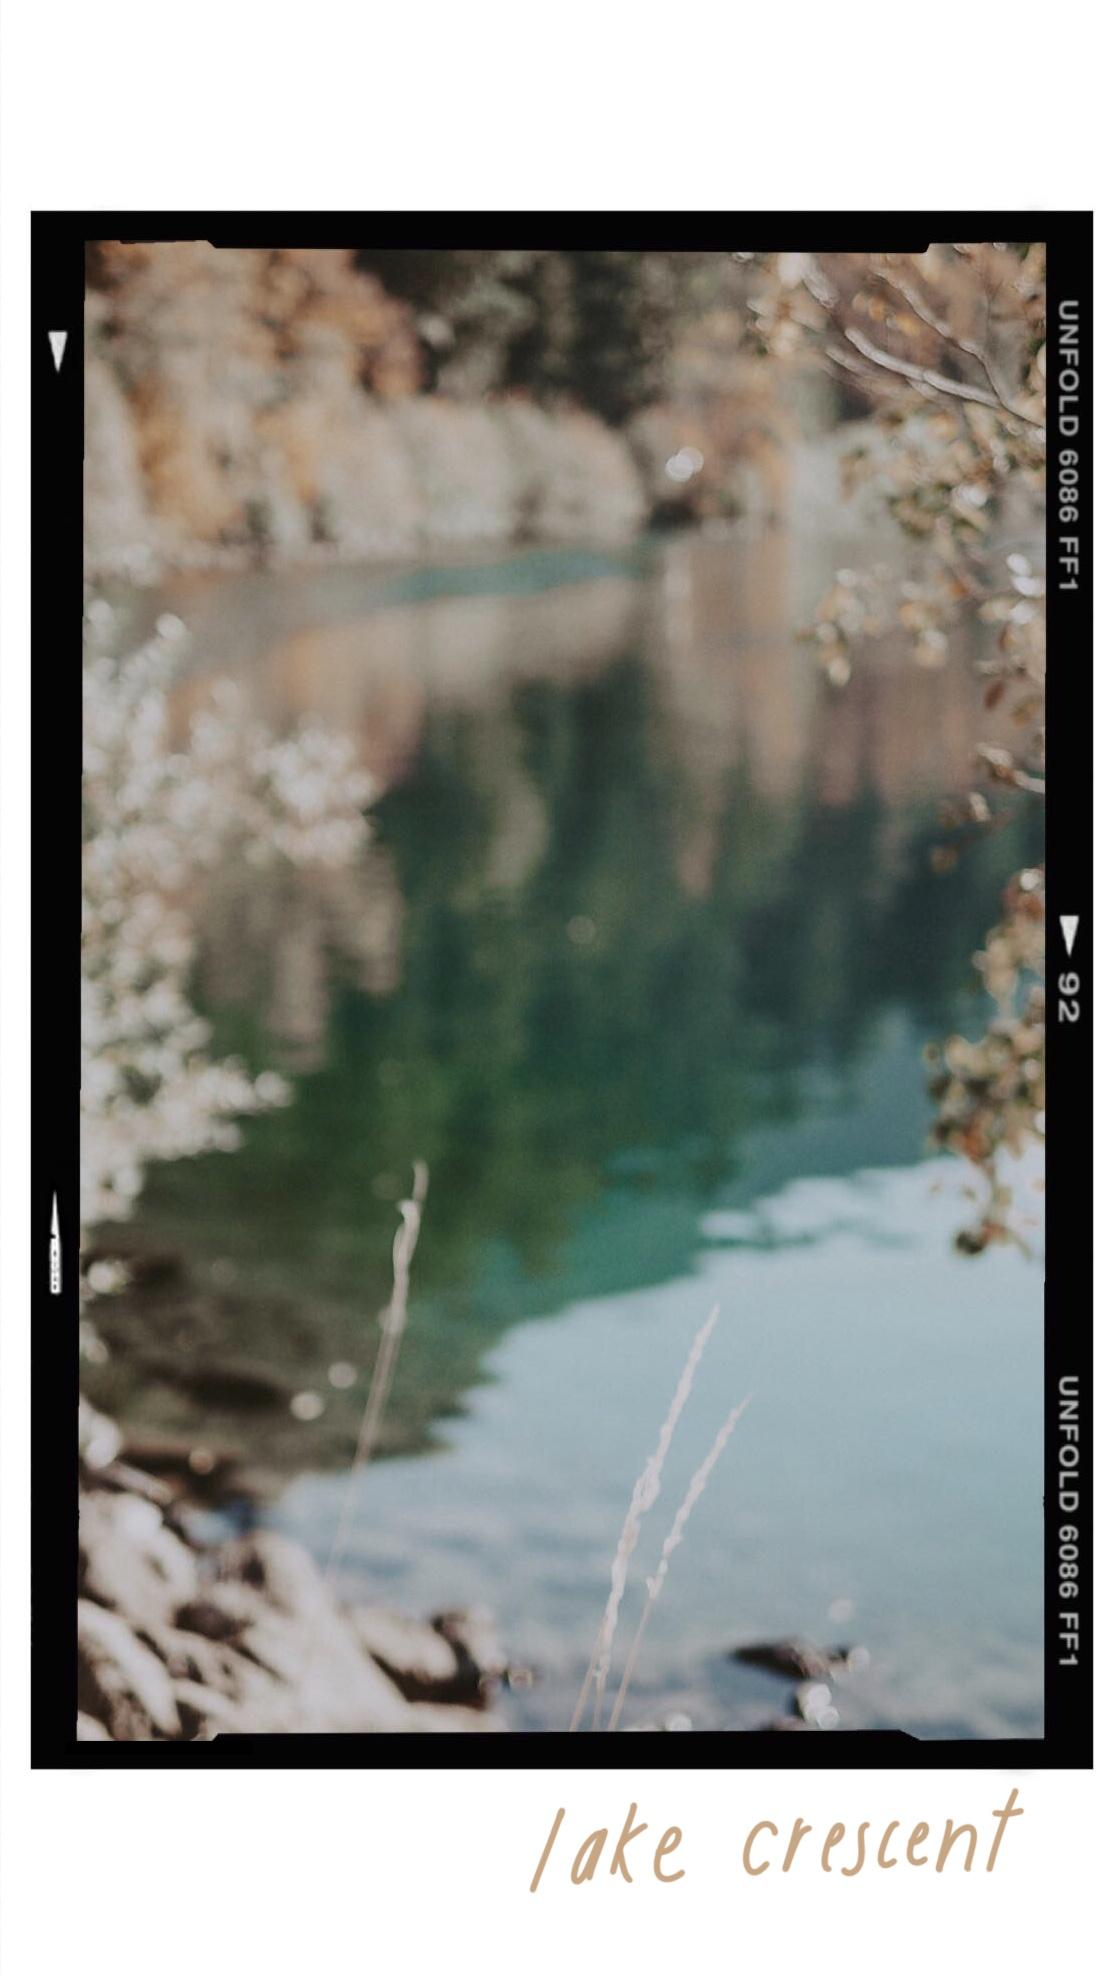 LAKE CRESCENT WA